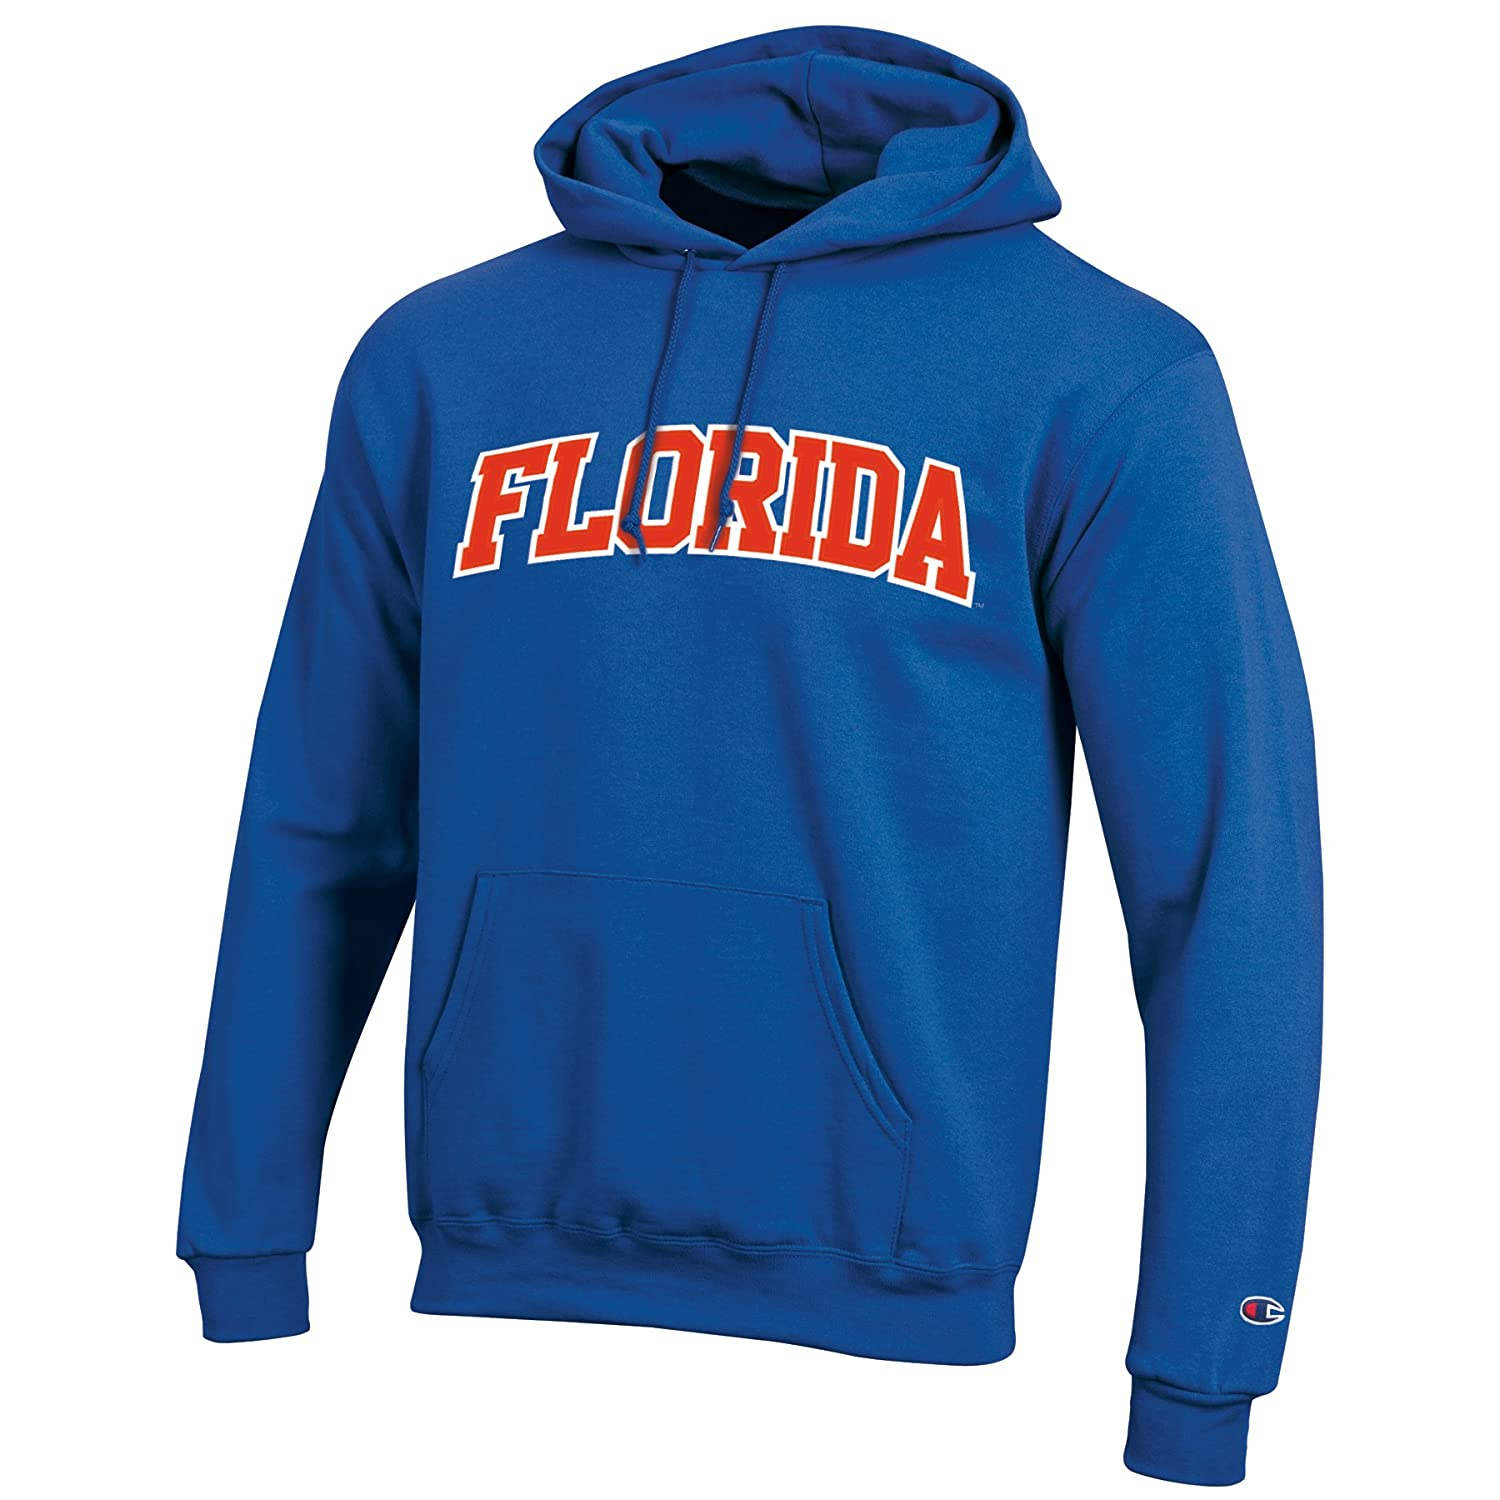 正規通販 NCAAメンズEco Powerblend Hooded Sweat Sweat Shirt 3L 3L Florida Florida Gators B01FQK1ZPW, MY HONEY:6a60bb0f --- a0267596.xsph.ru